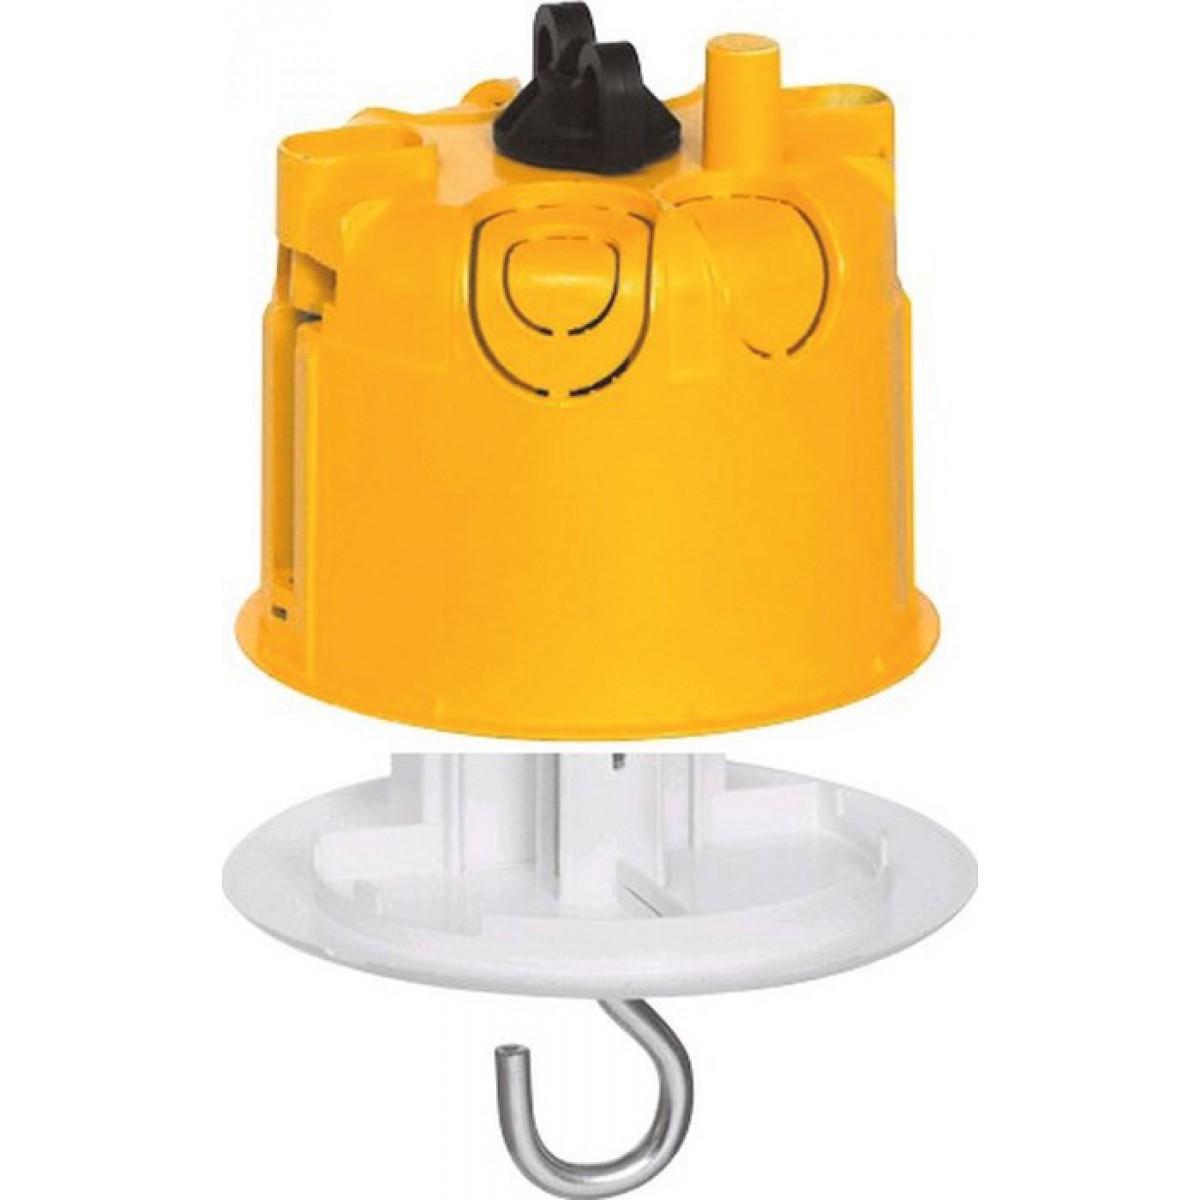 Boîte à encastrer pour luminaire Batibox Legrand - Boîte cloison sèche - Boîte + prise pour luminaire